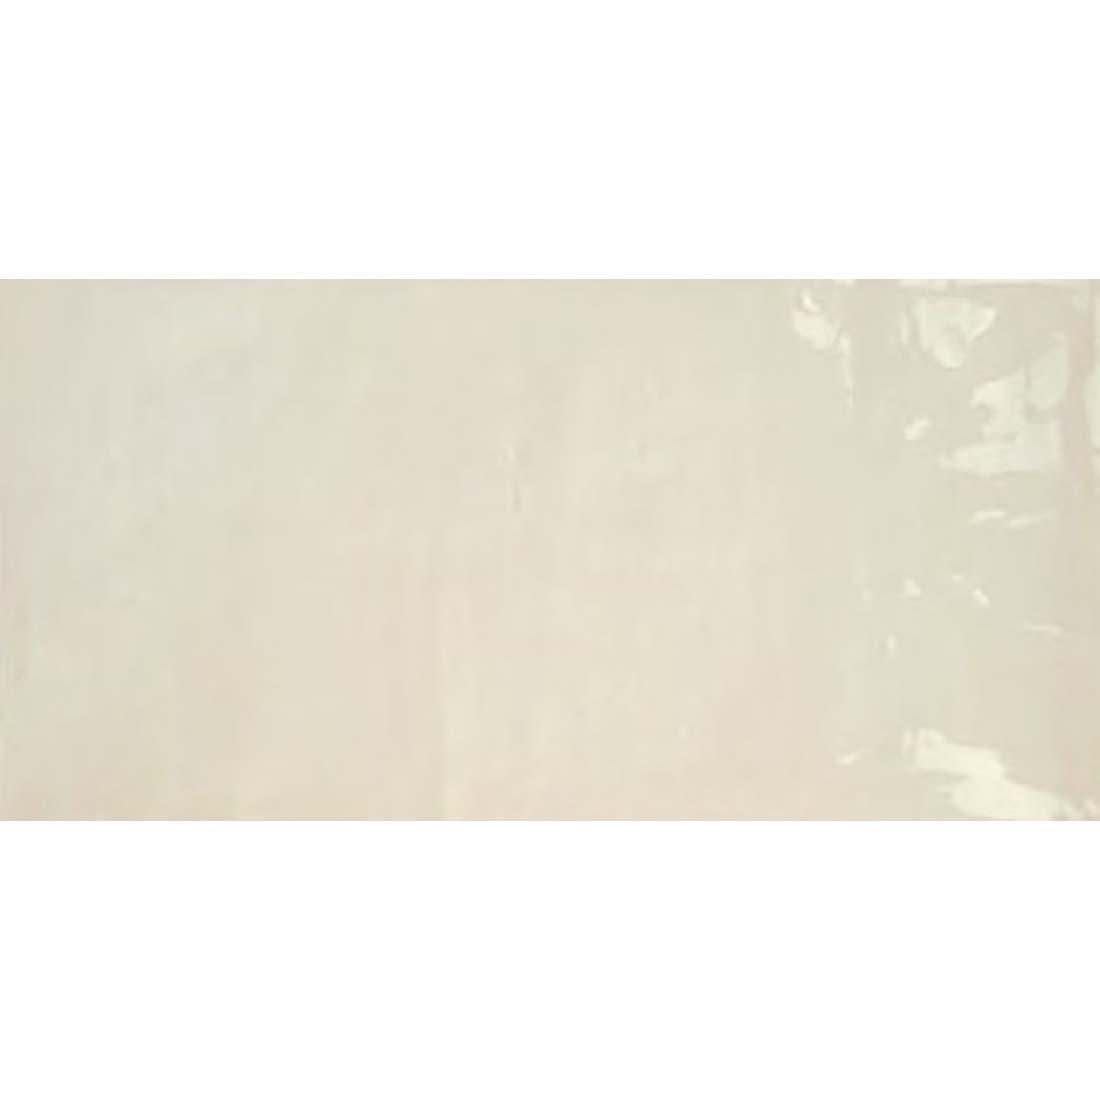 Natura 6.5x13 Linen Gloss 1